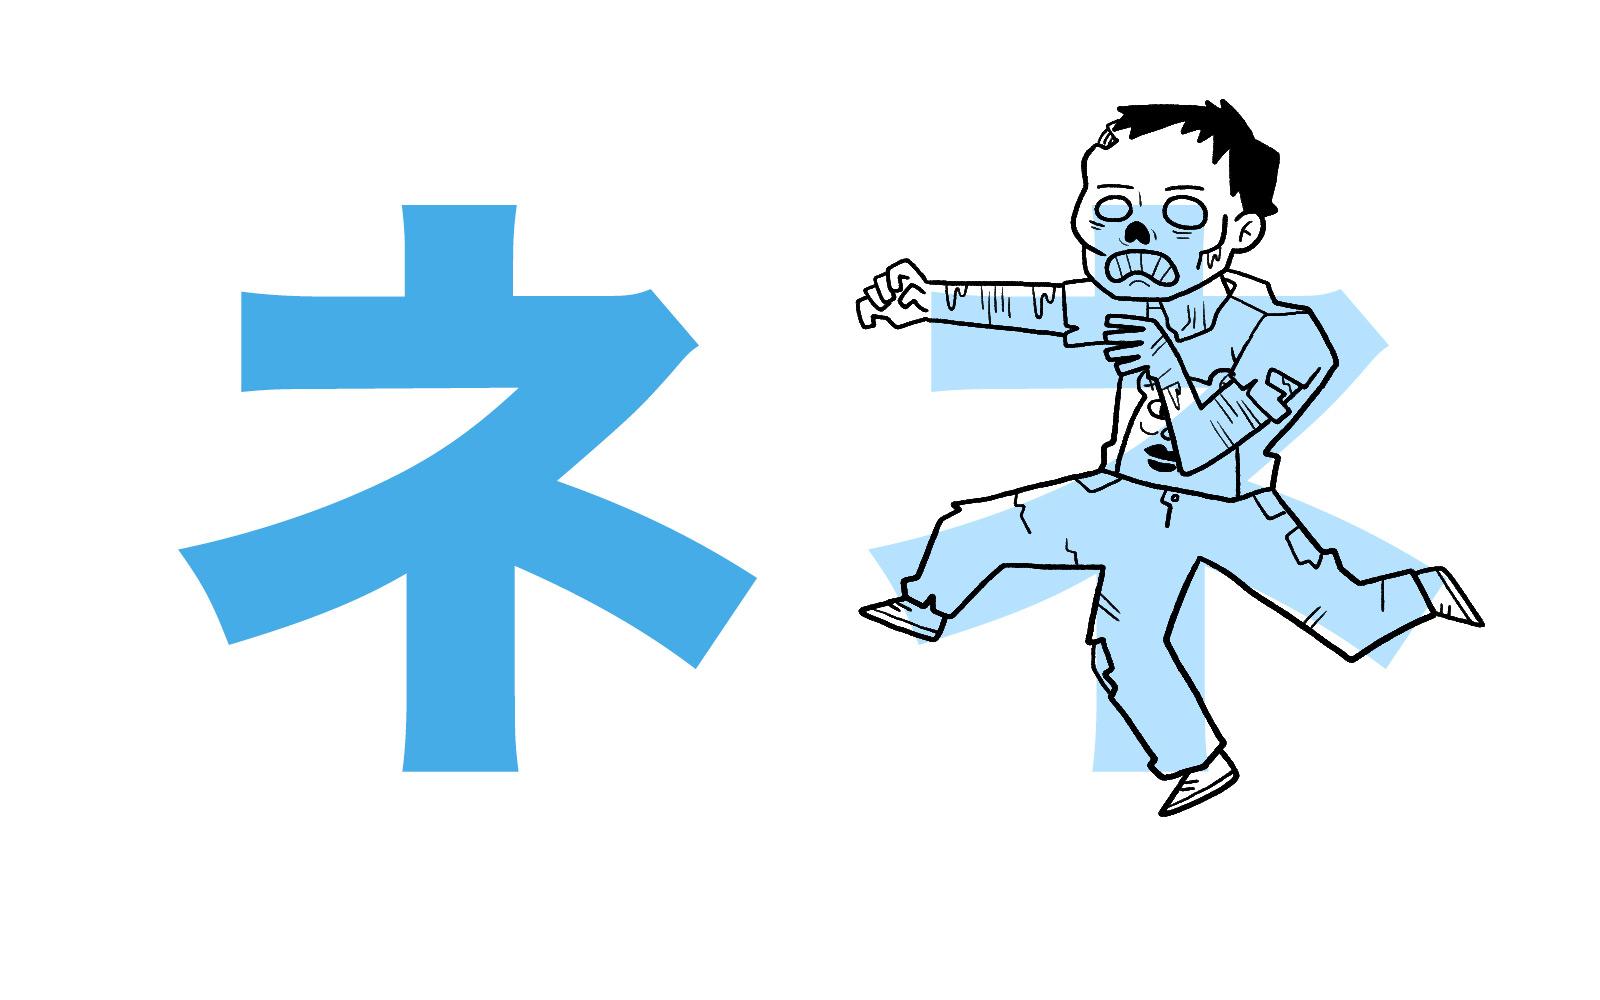 Katakana character ネ mnemonic